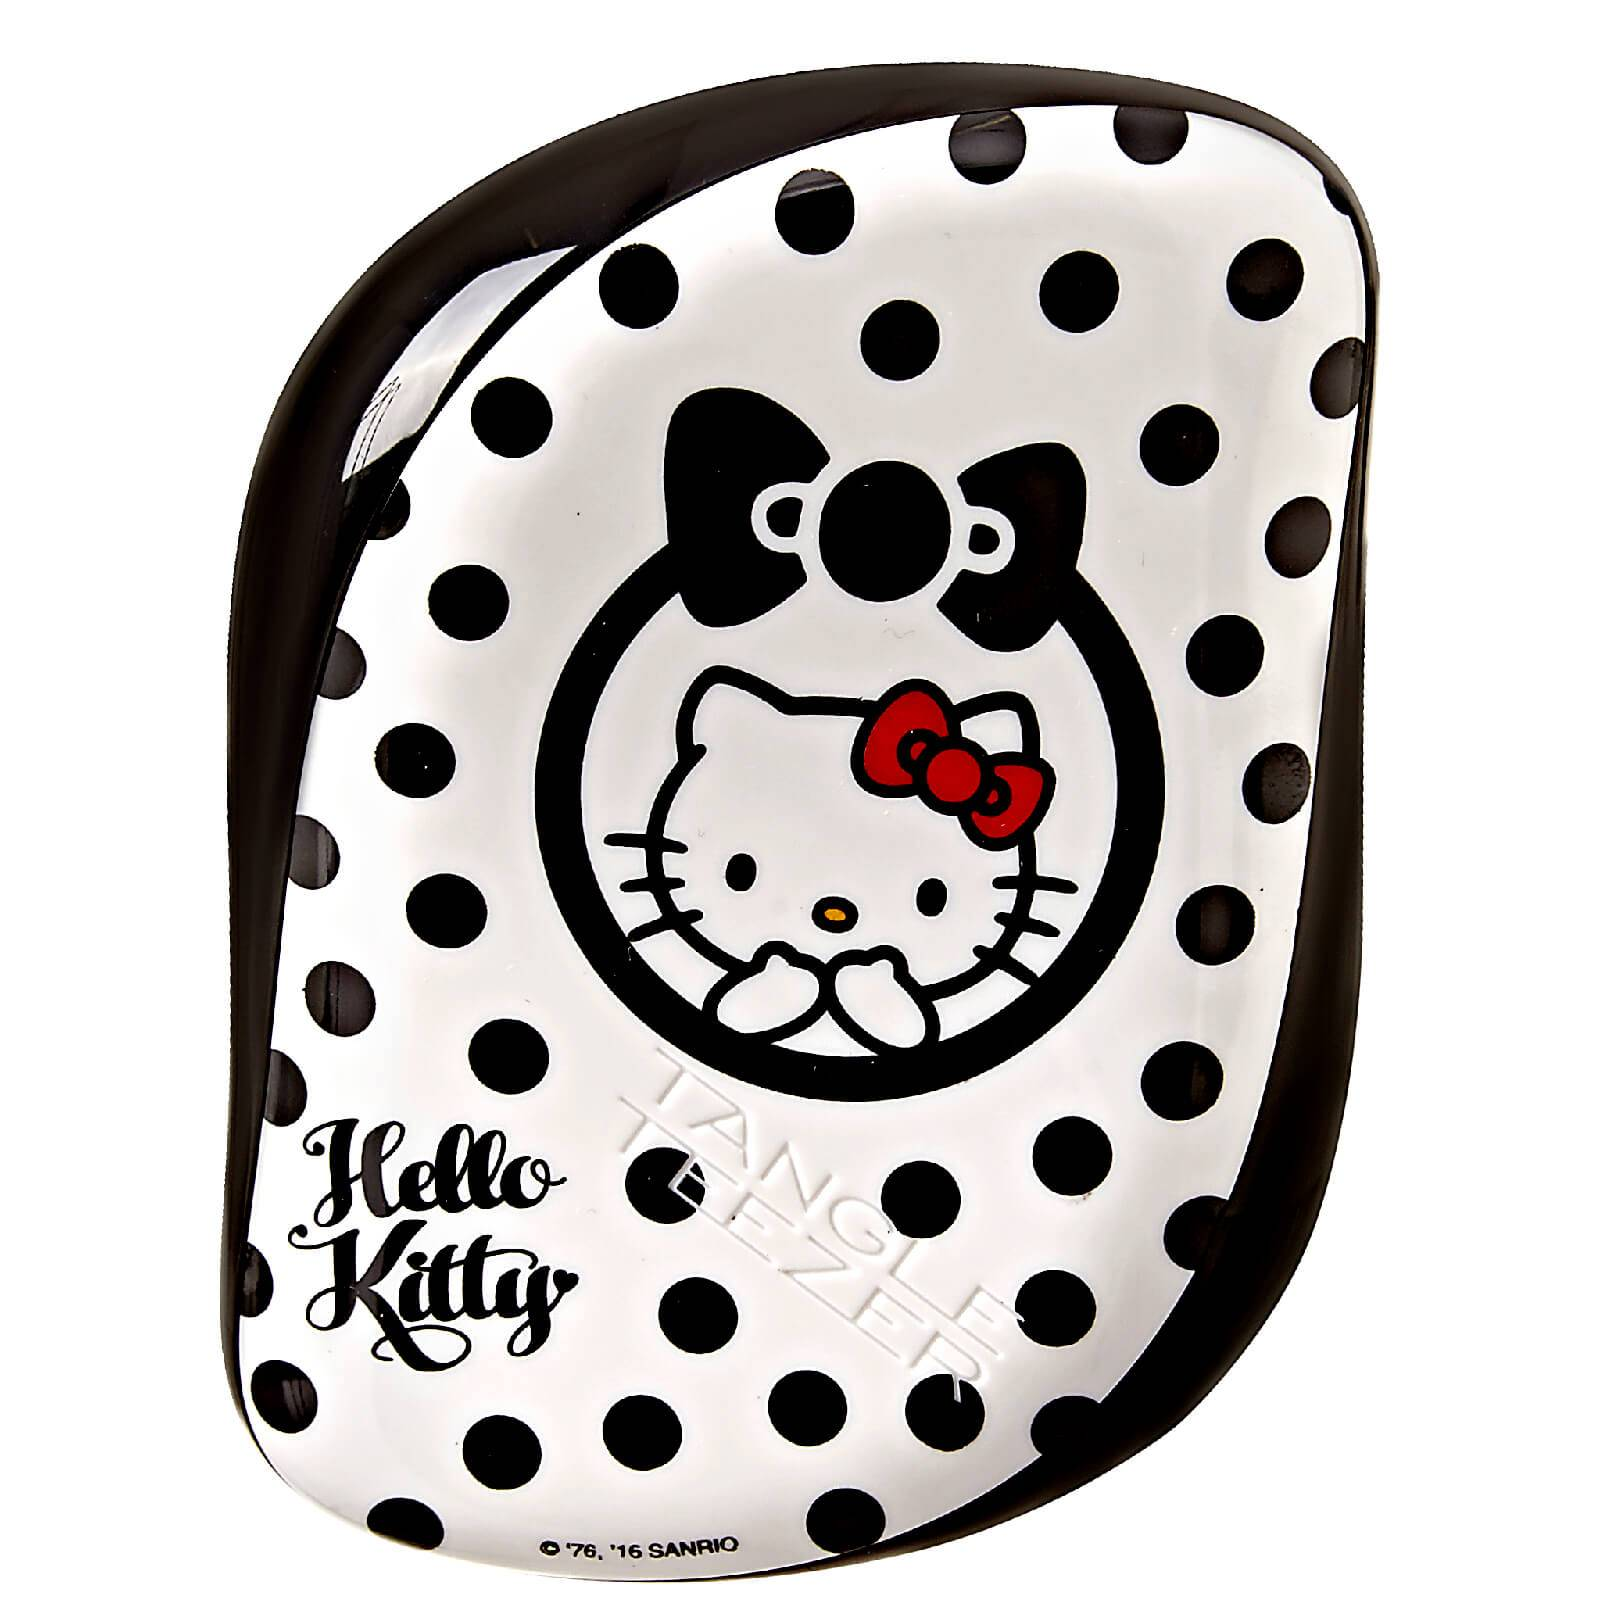 Tangle Teezer Brosse à cheveux compacte démêlante Hello Kitty - noire / blanche